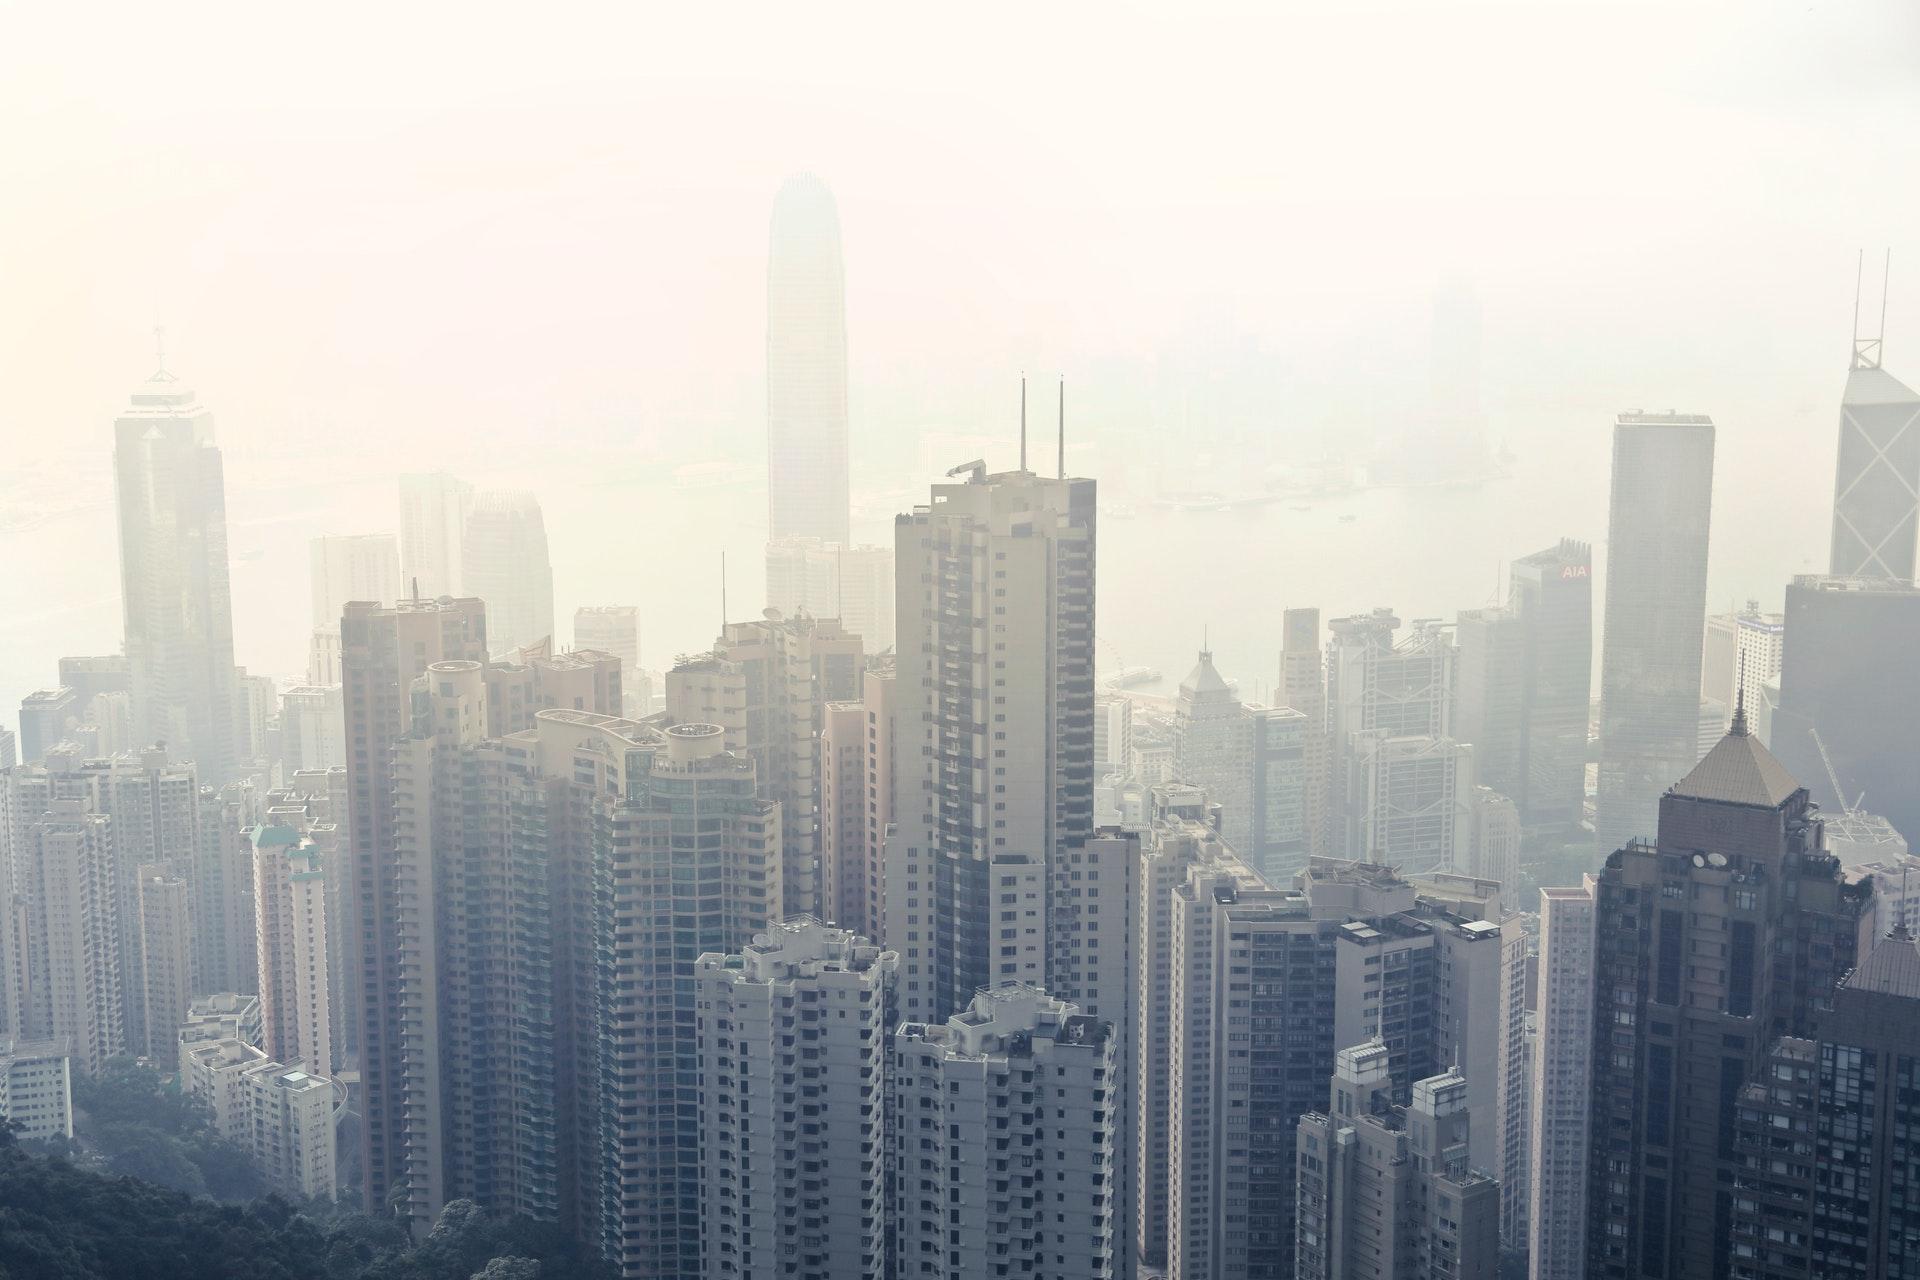 City skyline covered in fog